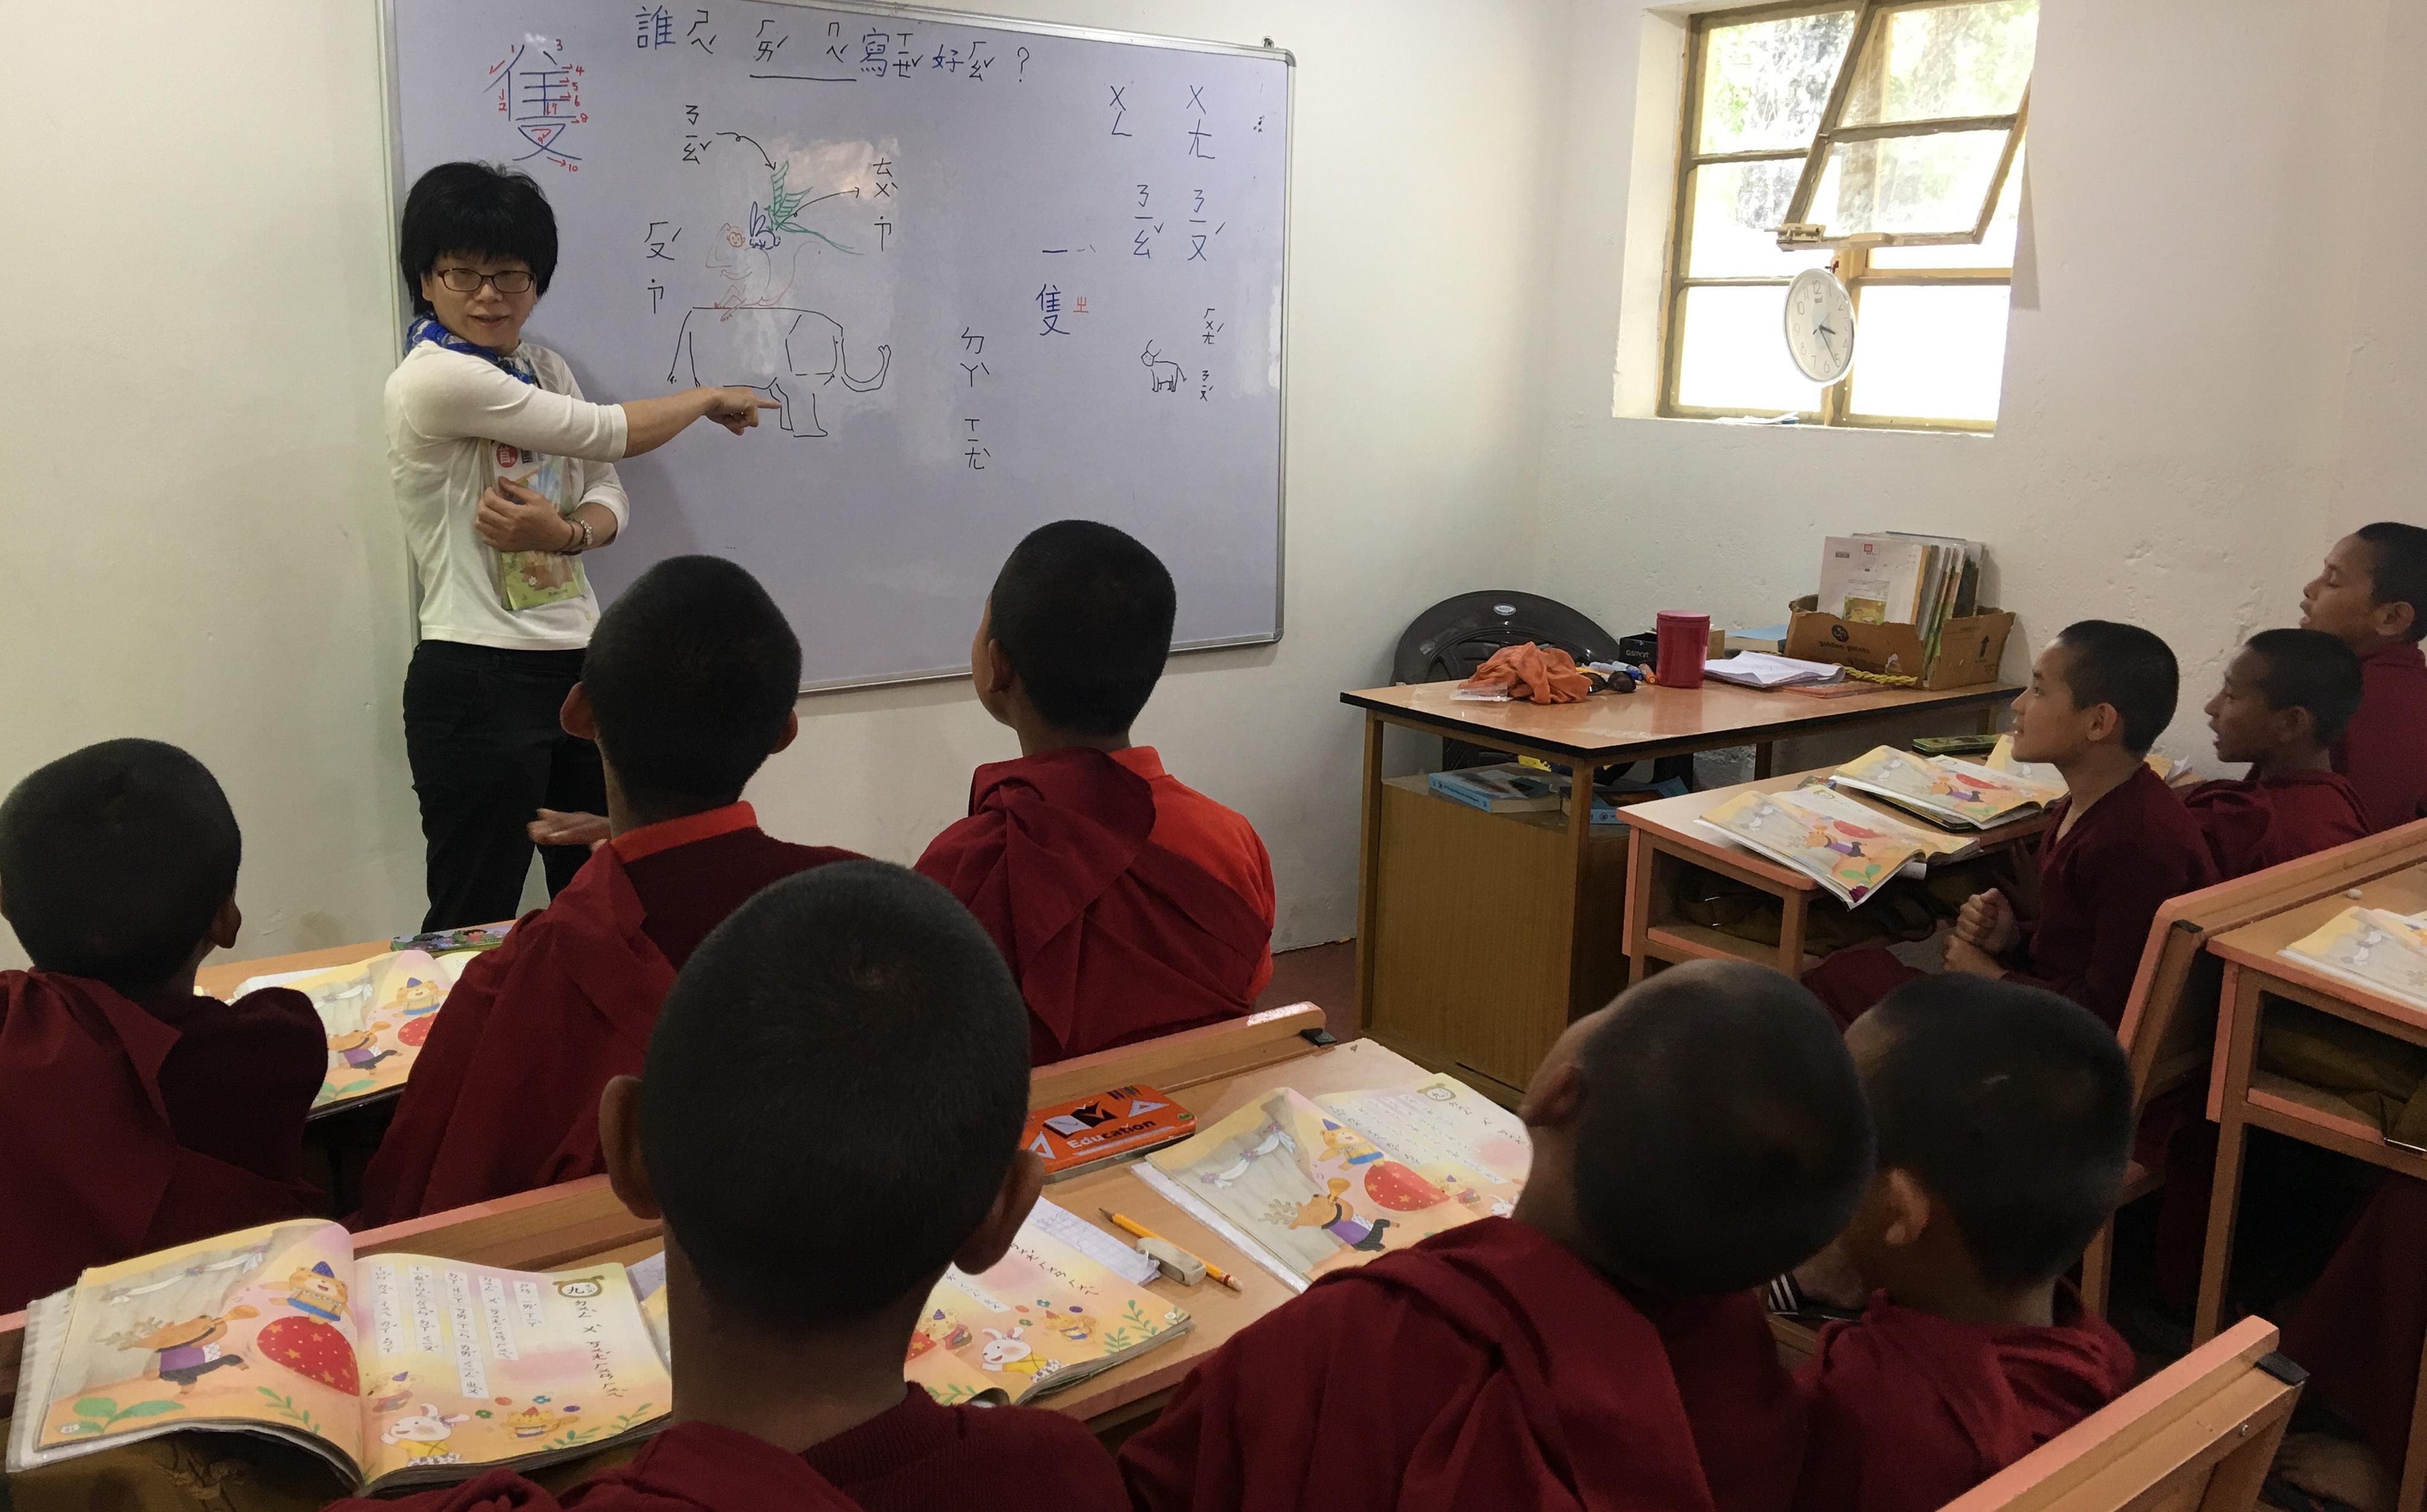 中文老師正在教課中